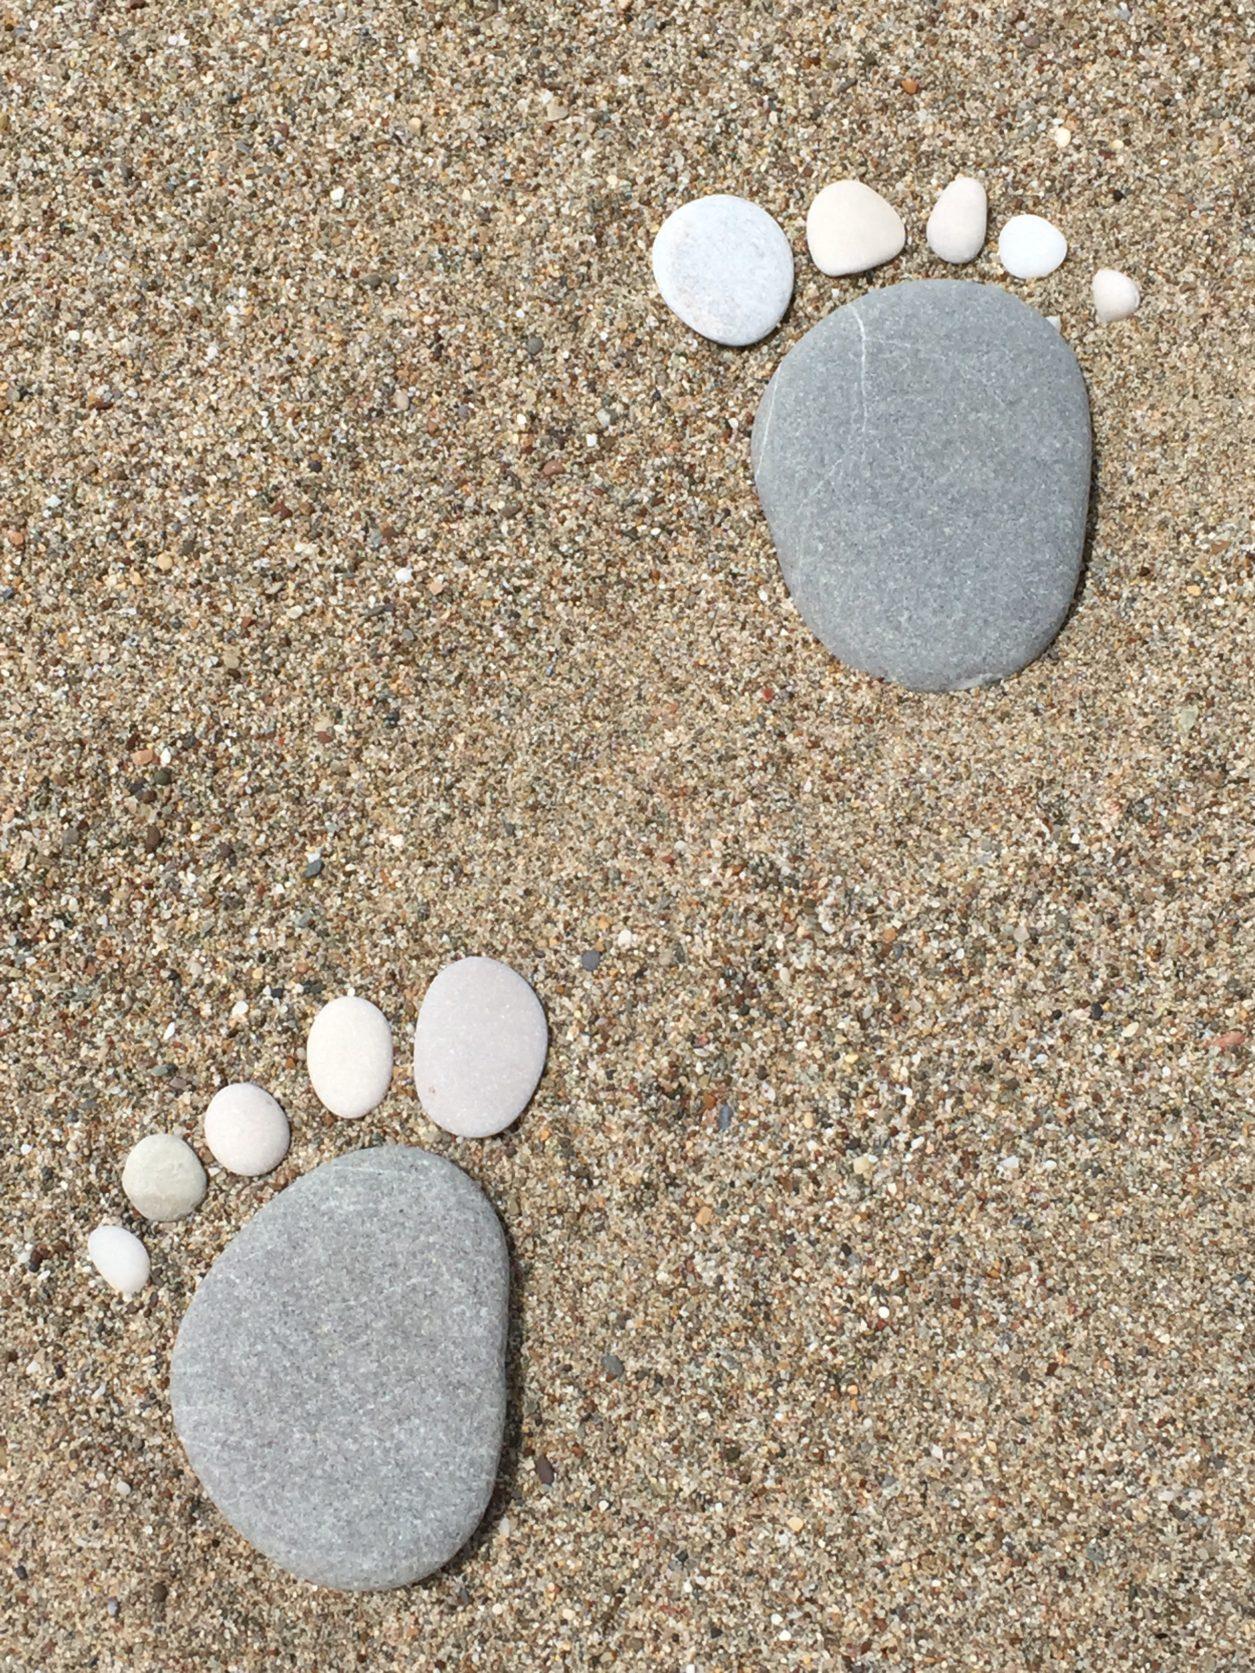 Fussabdruck aus Steinen an schnem Sandstrand